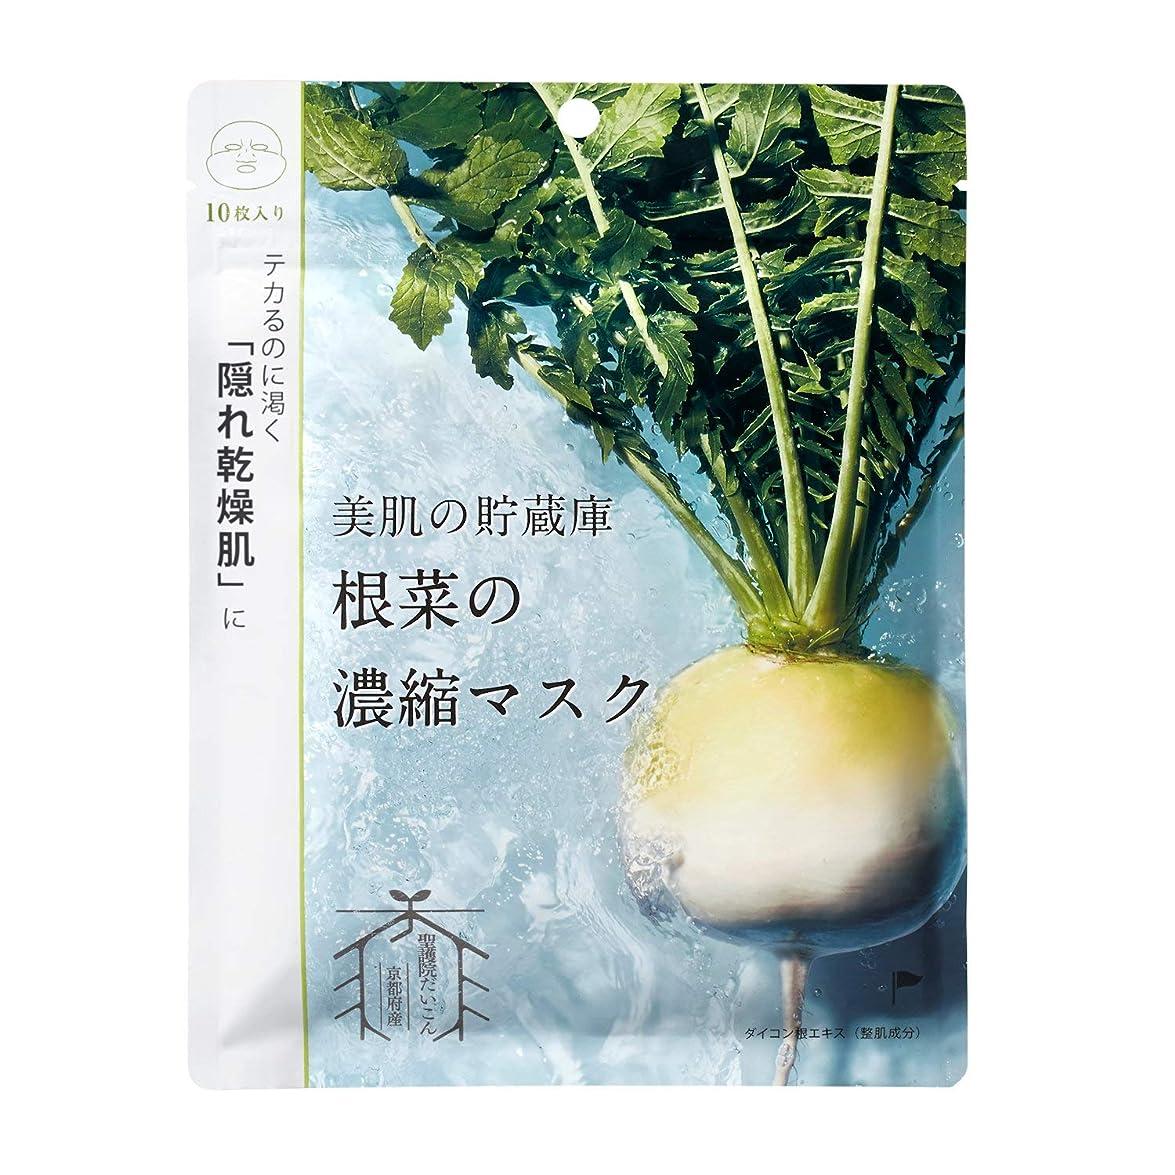 欺会話通信する@cosme nippon 美肌の貯蔵庫 根菜の濃縮マスク 聖護院だいこん 10枚入 148ml